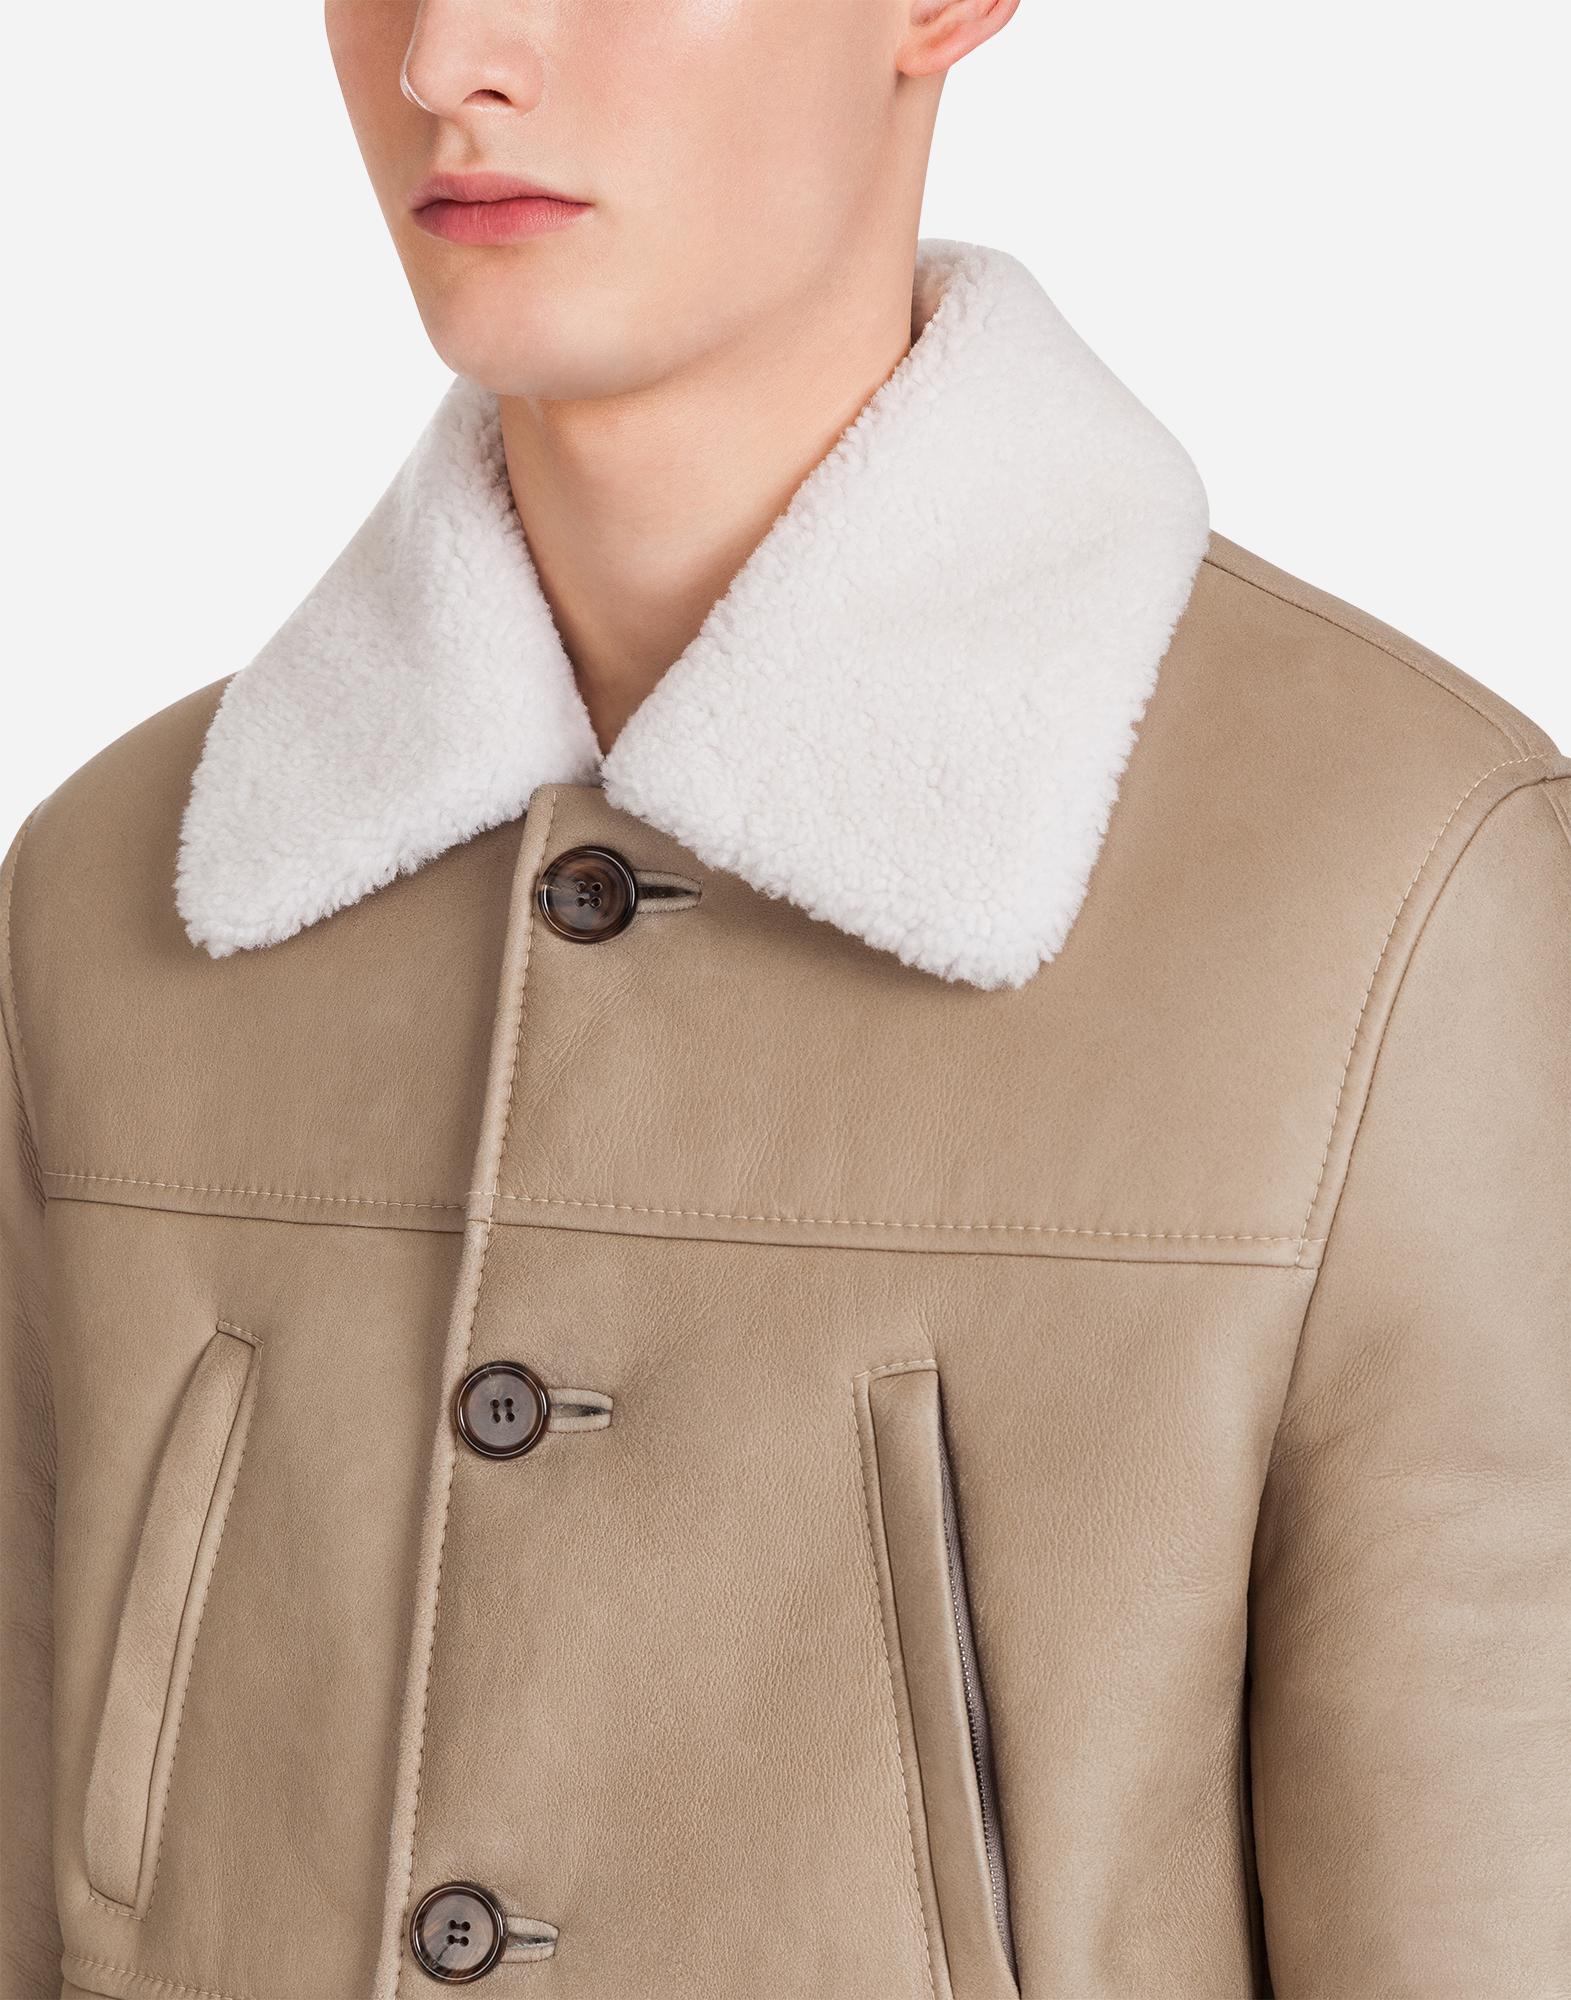 Dolce&Gabbana SHEEPSKIN JACKET